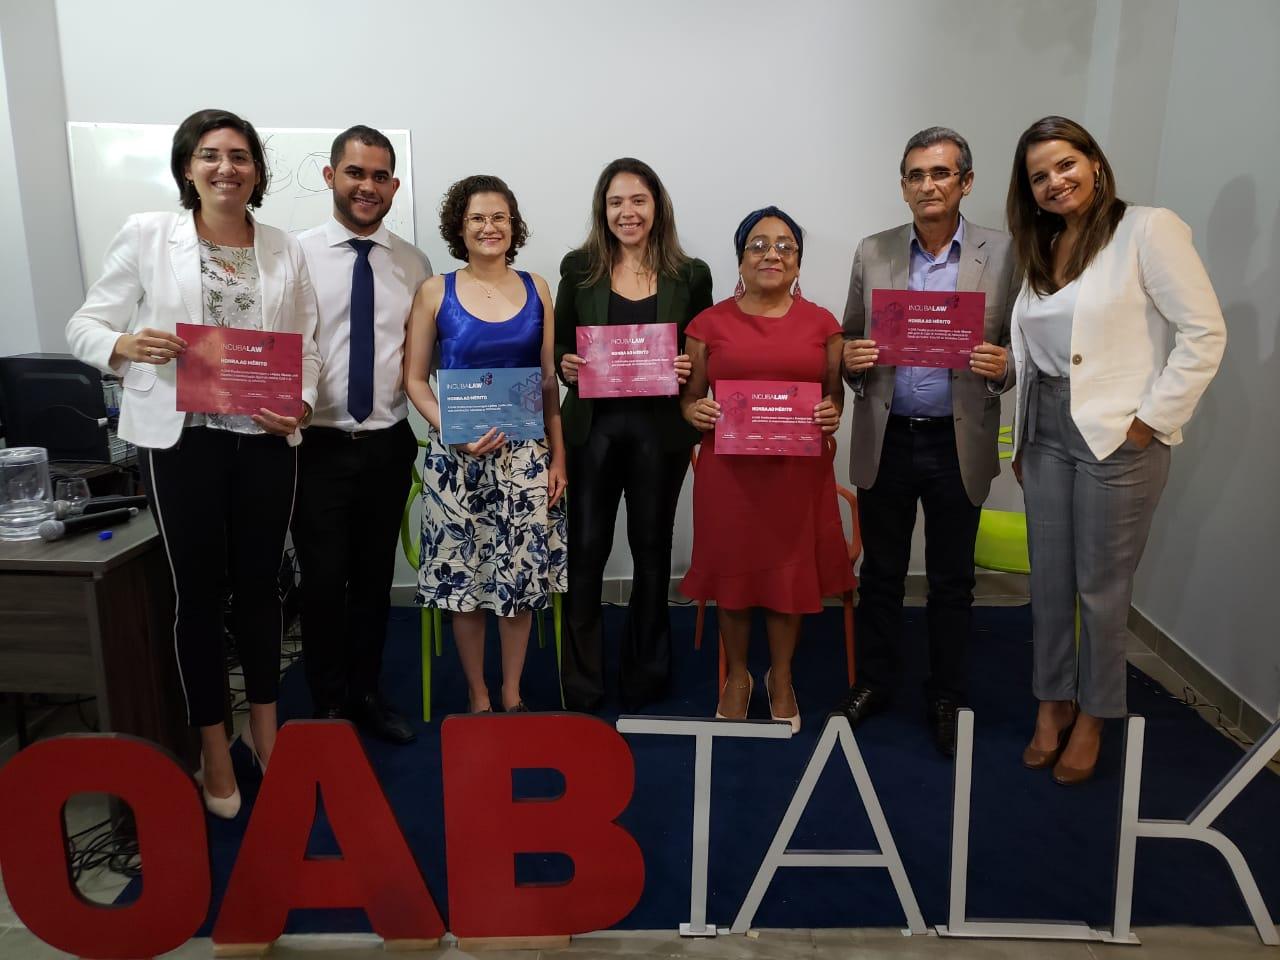 OAB Talk debate tendências e estratégias para o mercado da advocacia em 2020